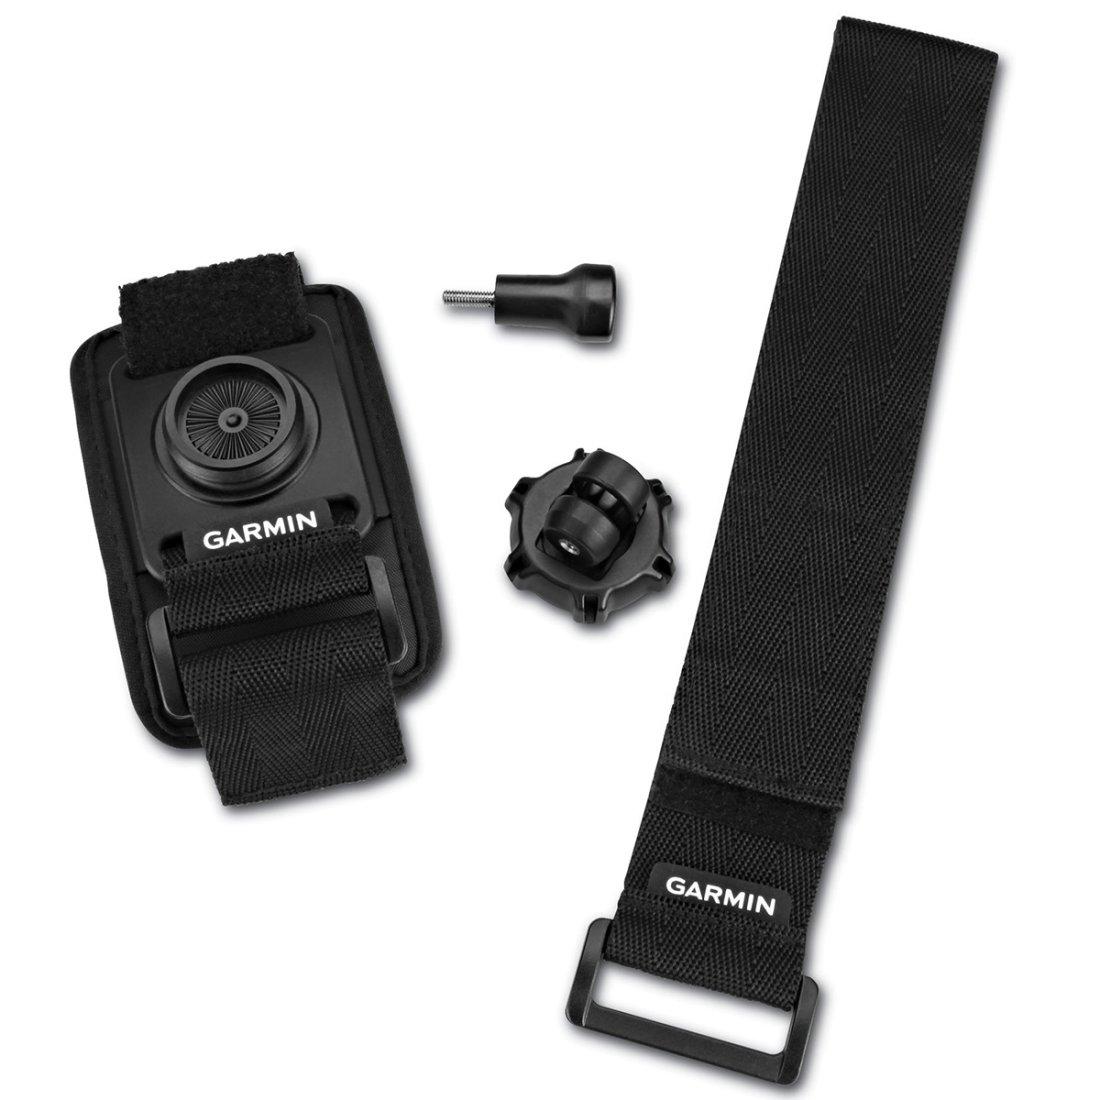 garmin wrist strap virb black video camera motocard. Black Bedroom Furniture Sets. Home Design Ideas